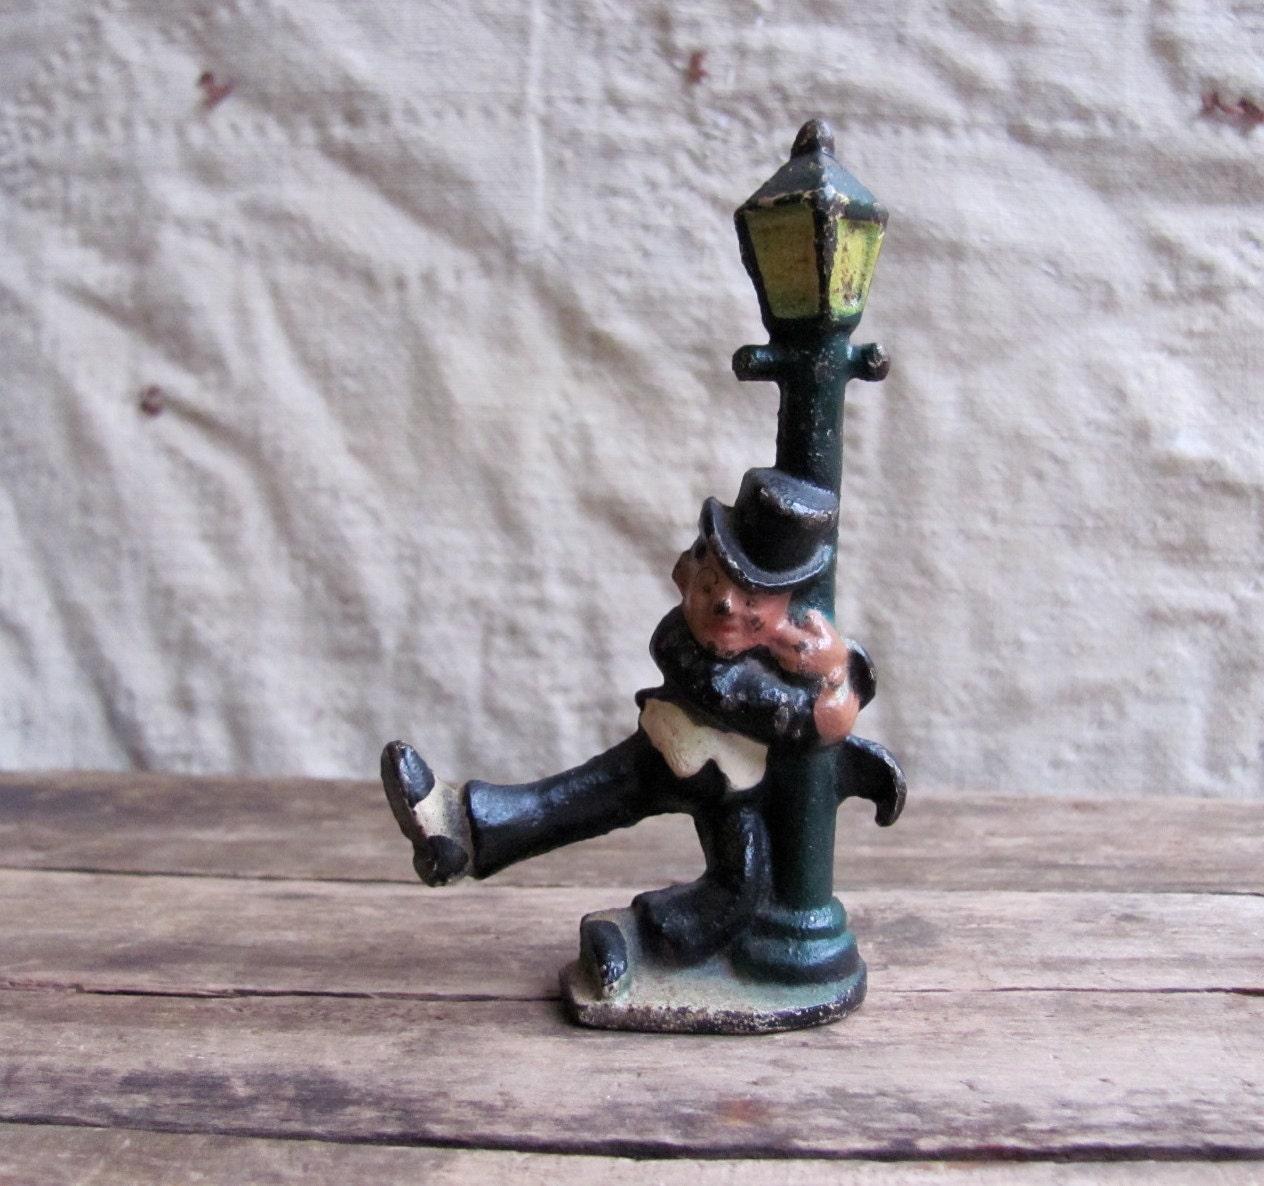 Vintage 1940s Cast Iron Figurine // Drunk Man By